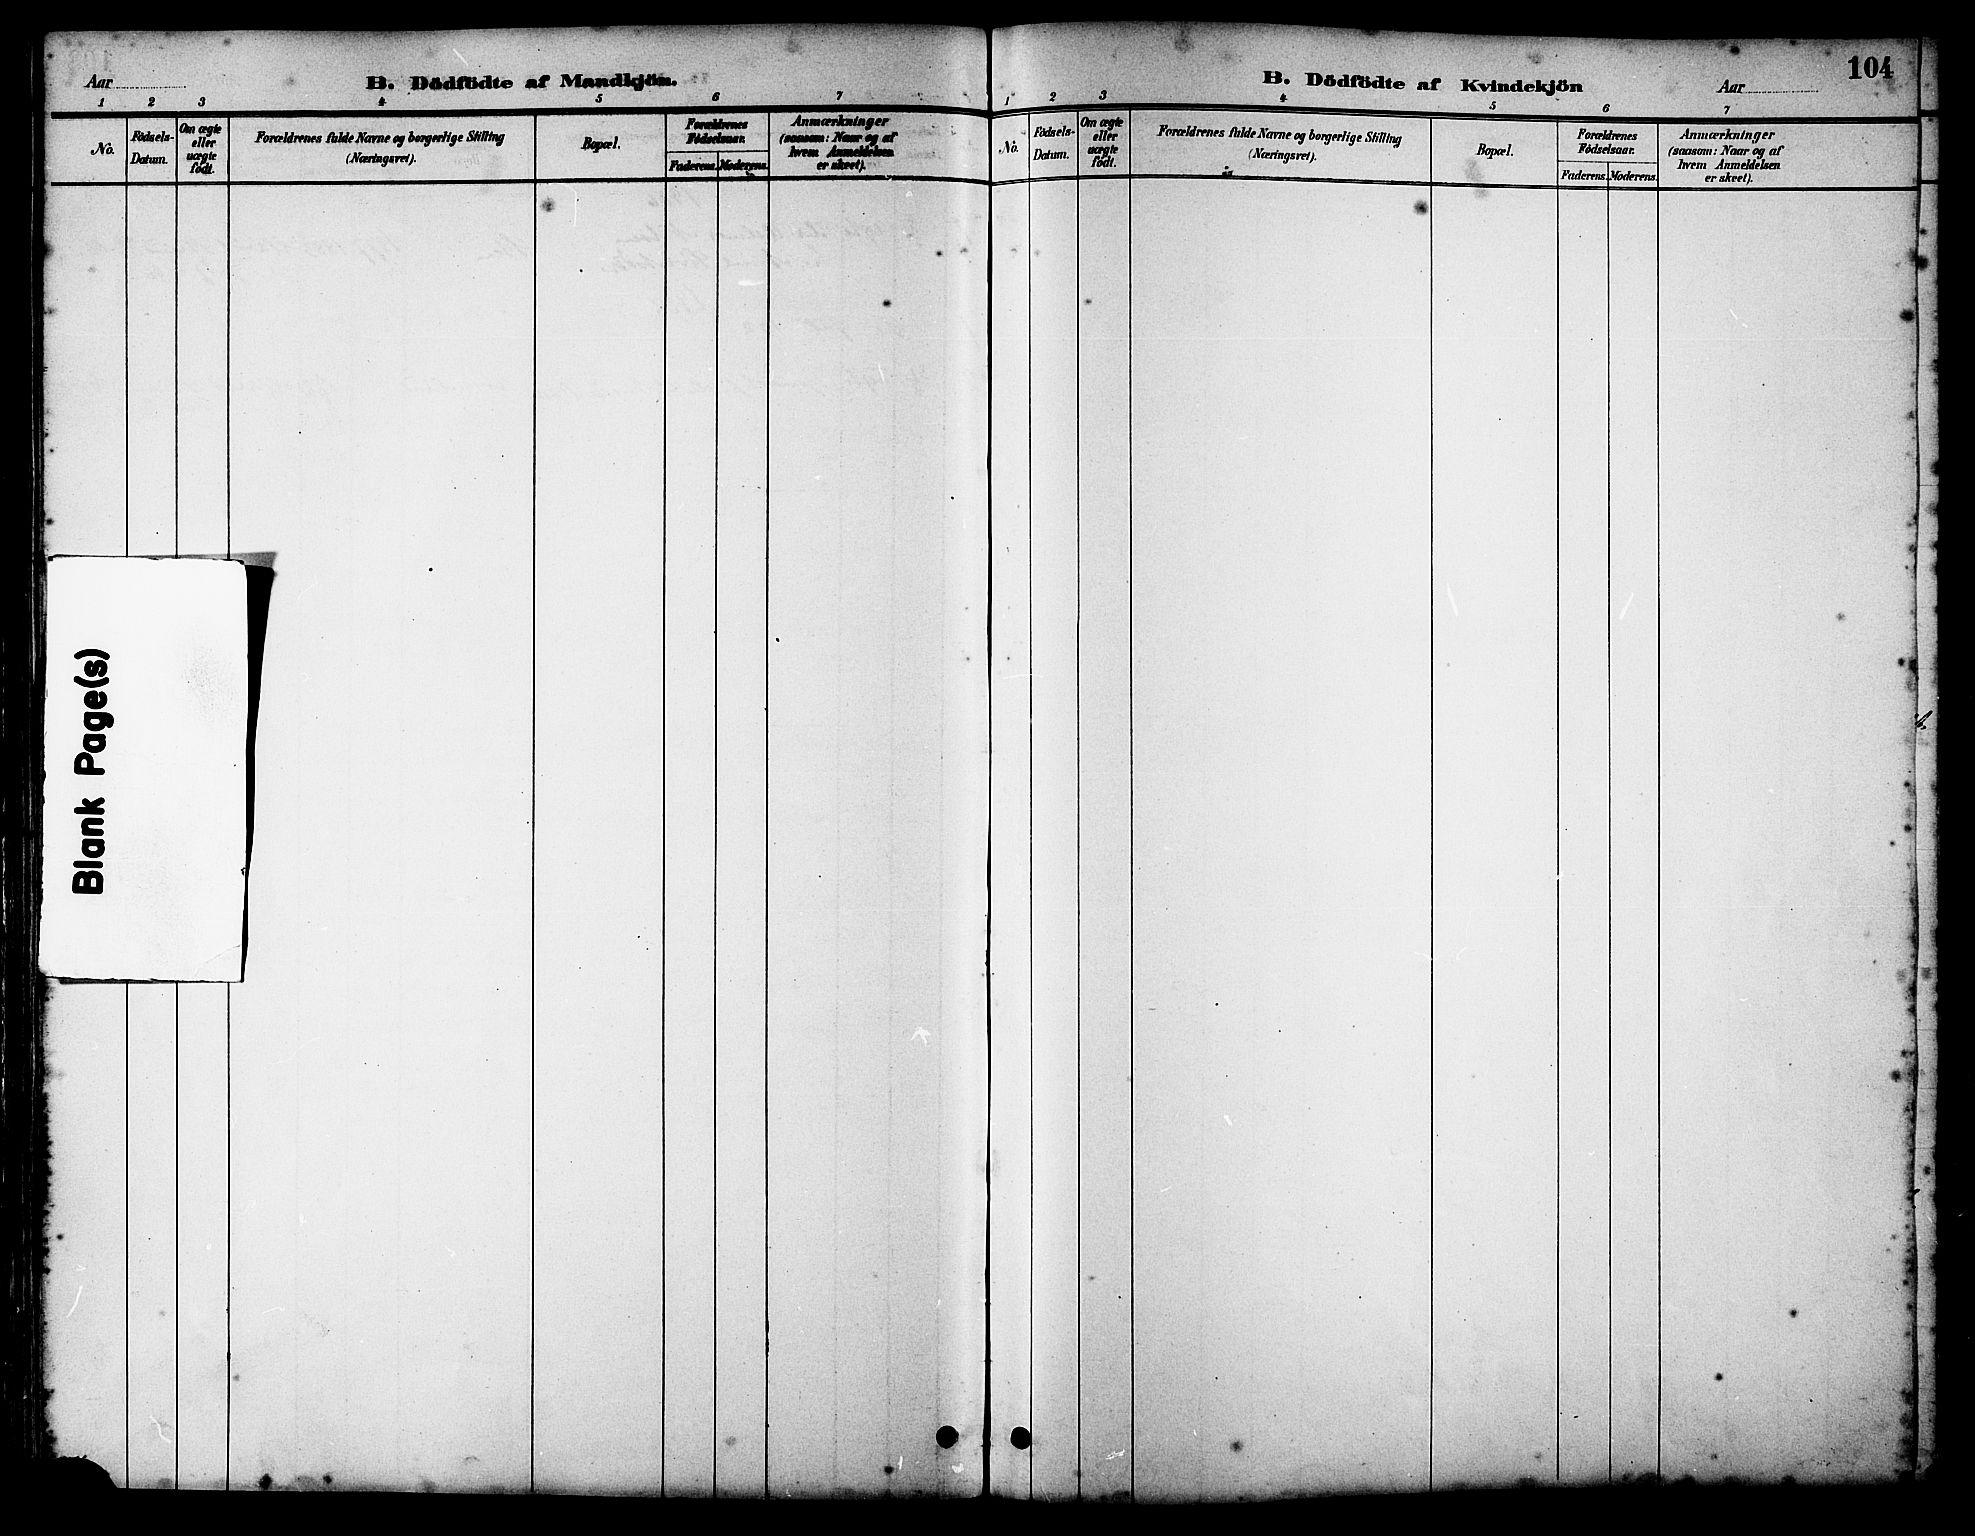 SAT, Ministerialprotokoller, klokkerbøker og fødselsregistre - Sør-Trøndelag, 658/L0726: Klokkerbok nr. 658C02, 1883-1908, s. 104